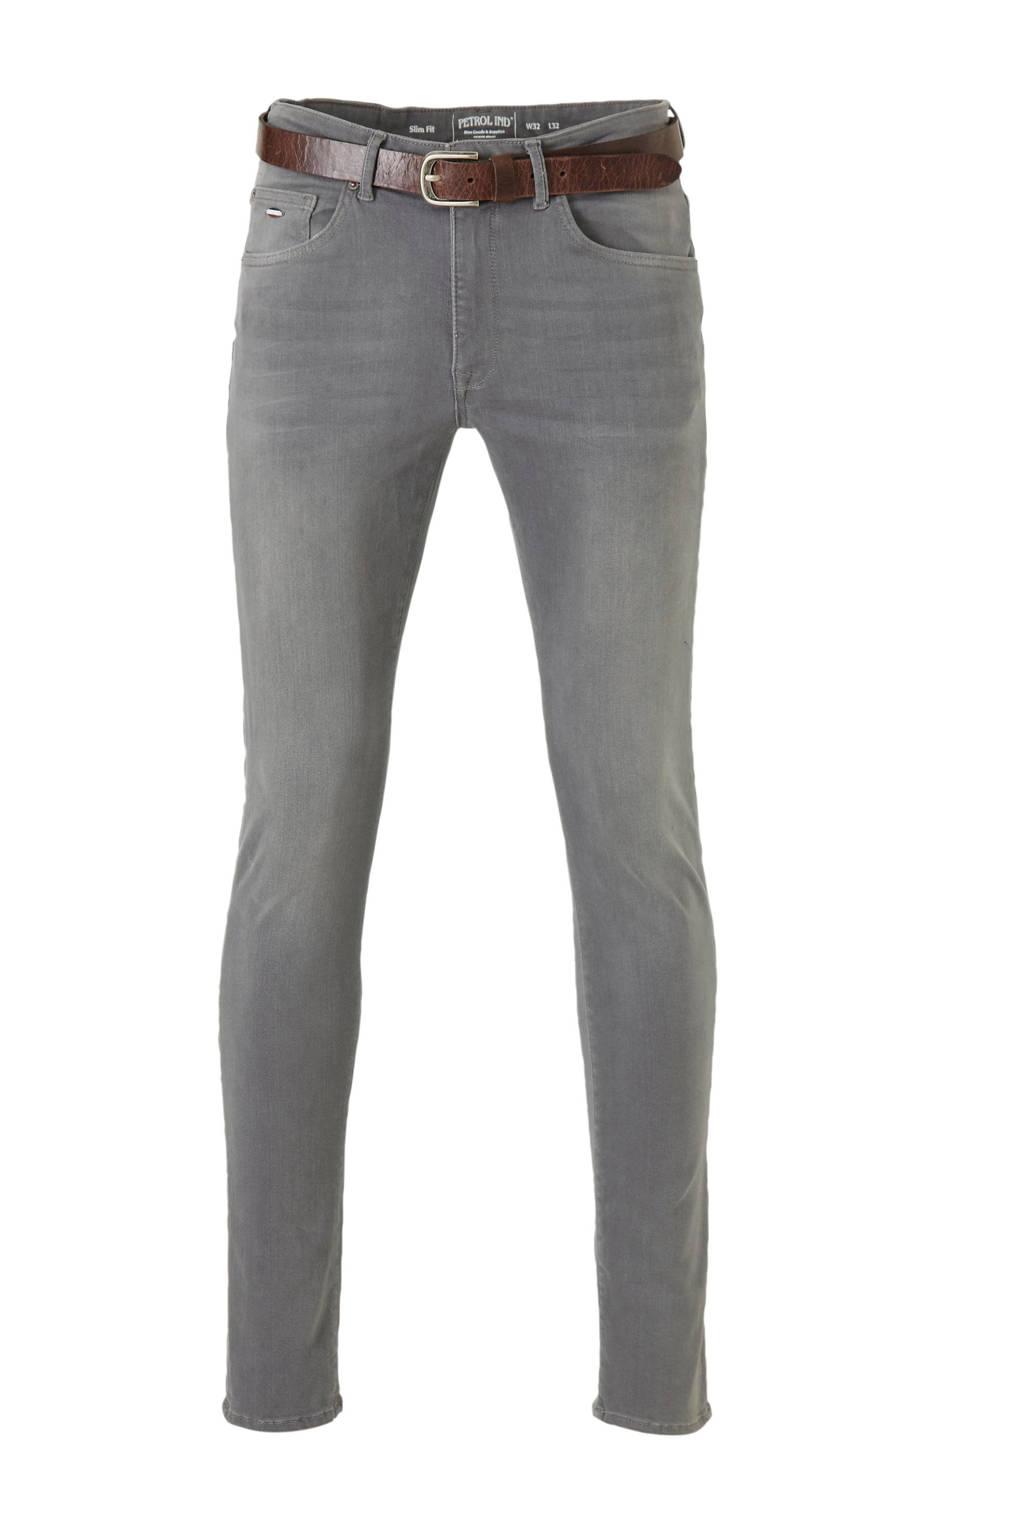 Petrol Industries slim fit jeans Seaham Classic met riem 9700 grey